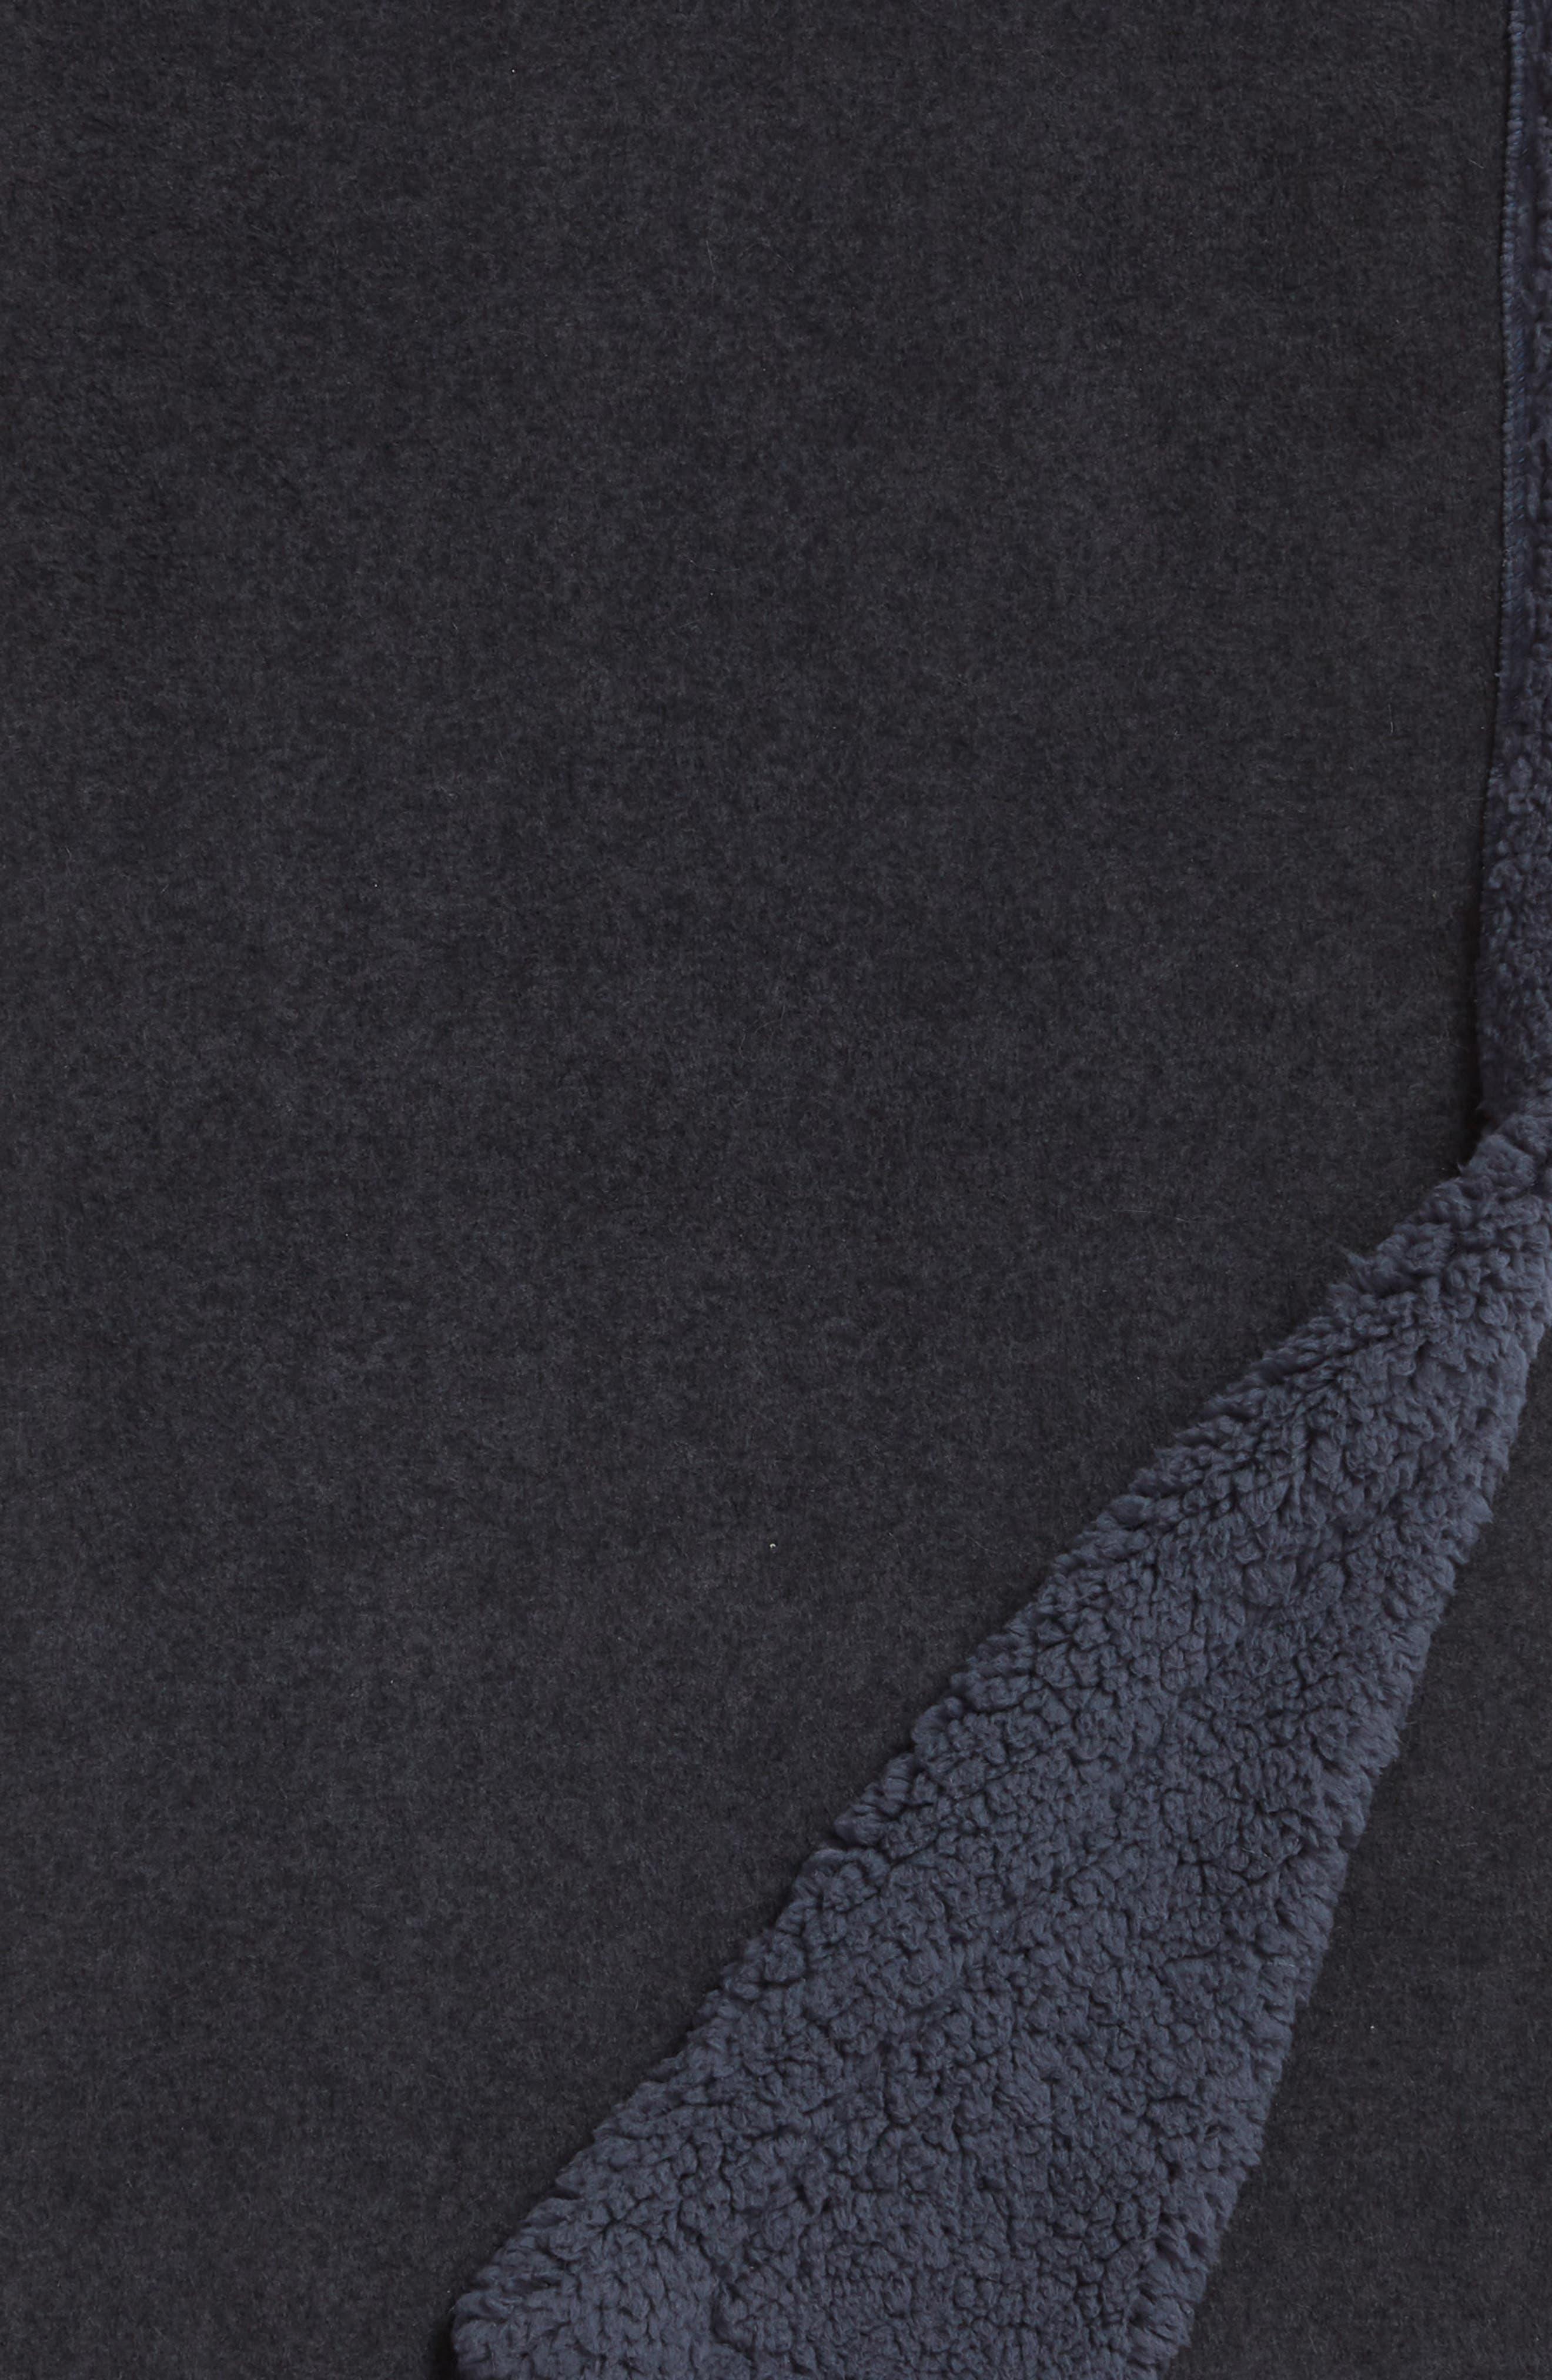 Fleece Throw,                             Alternate thumbnail 2, color,                             NAVY BLUE